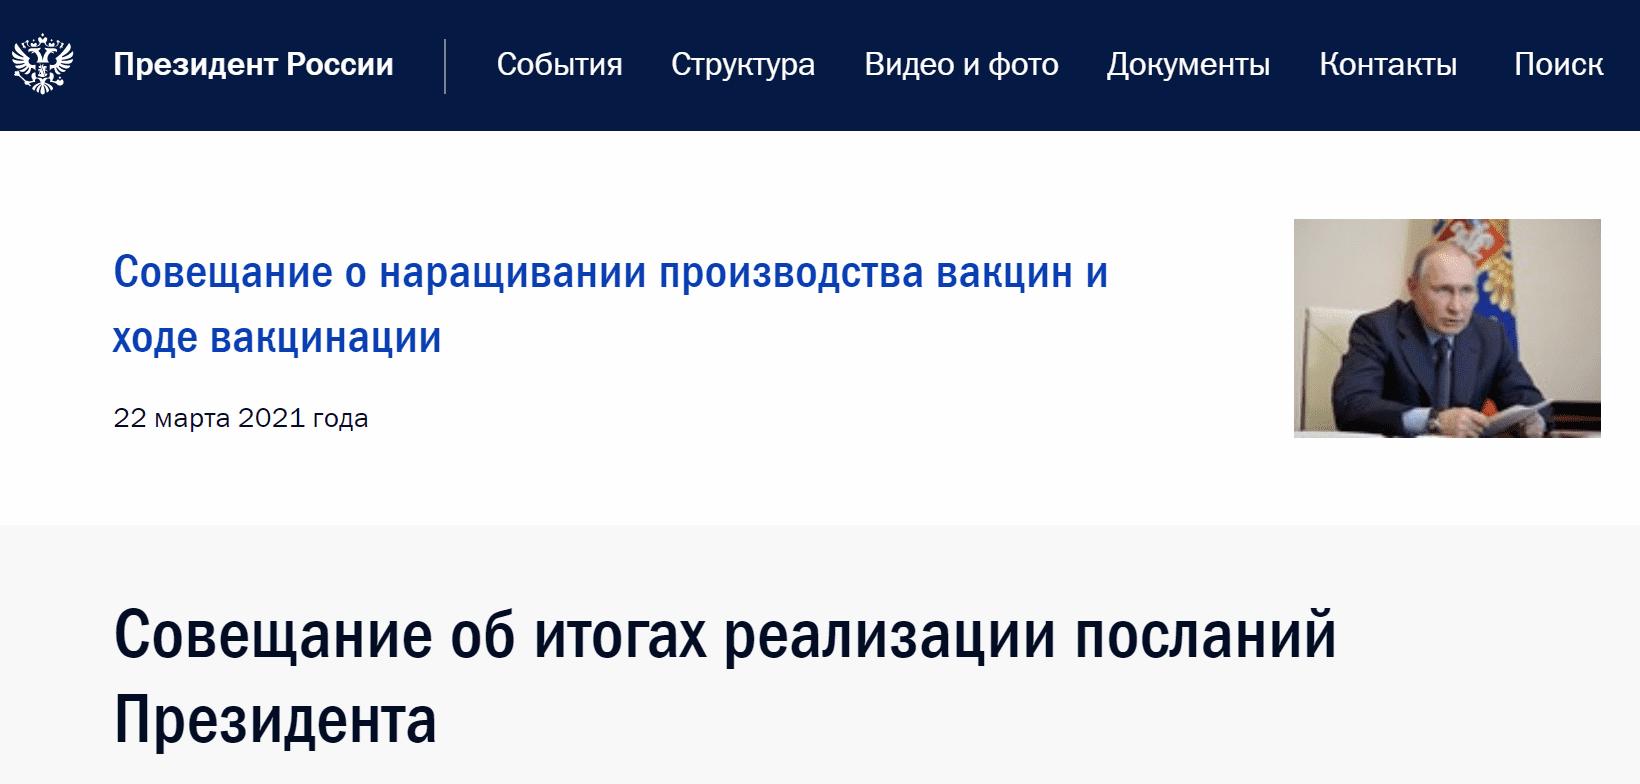 """Официальный сайт Президента России """"Кремль Ру"""""""